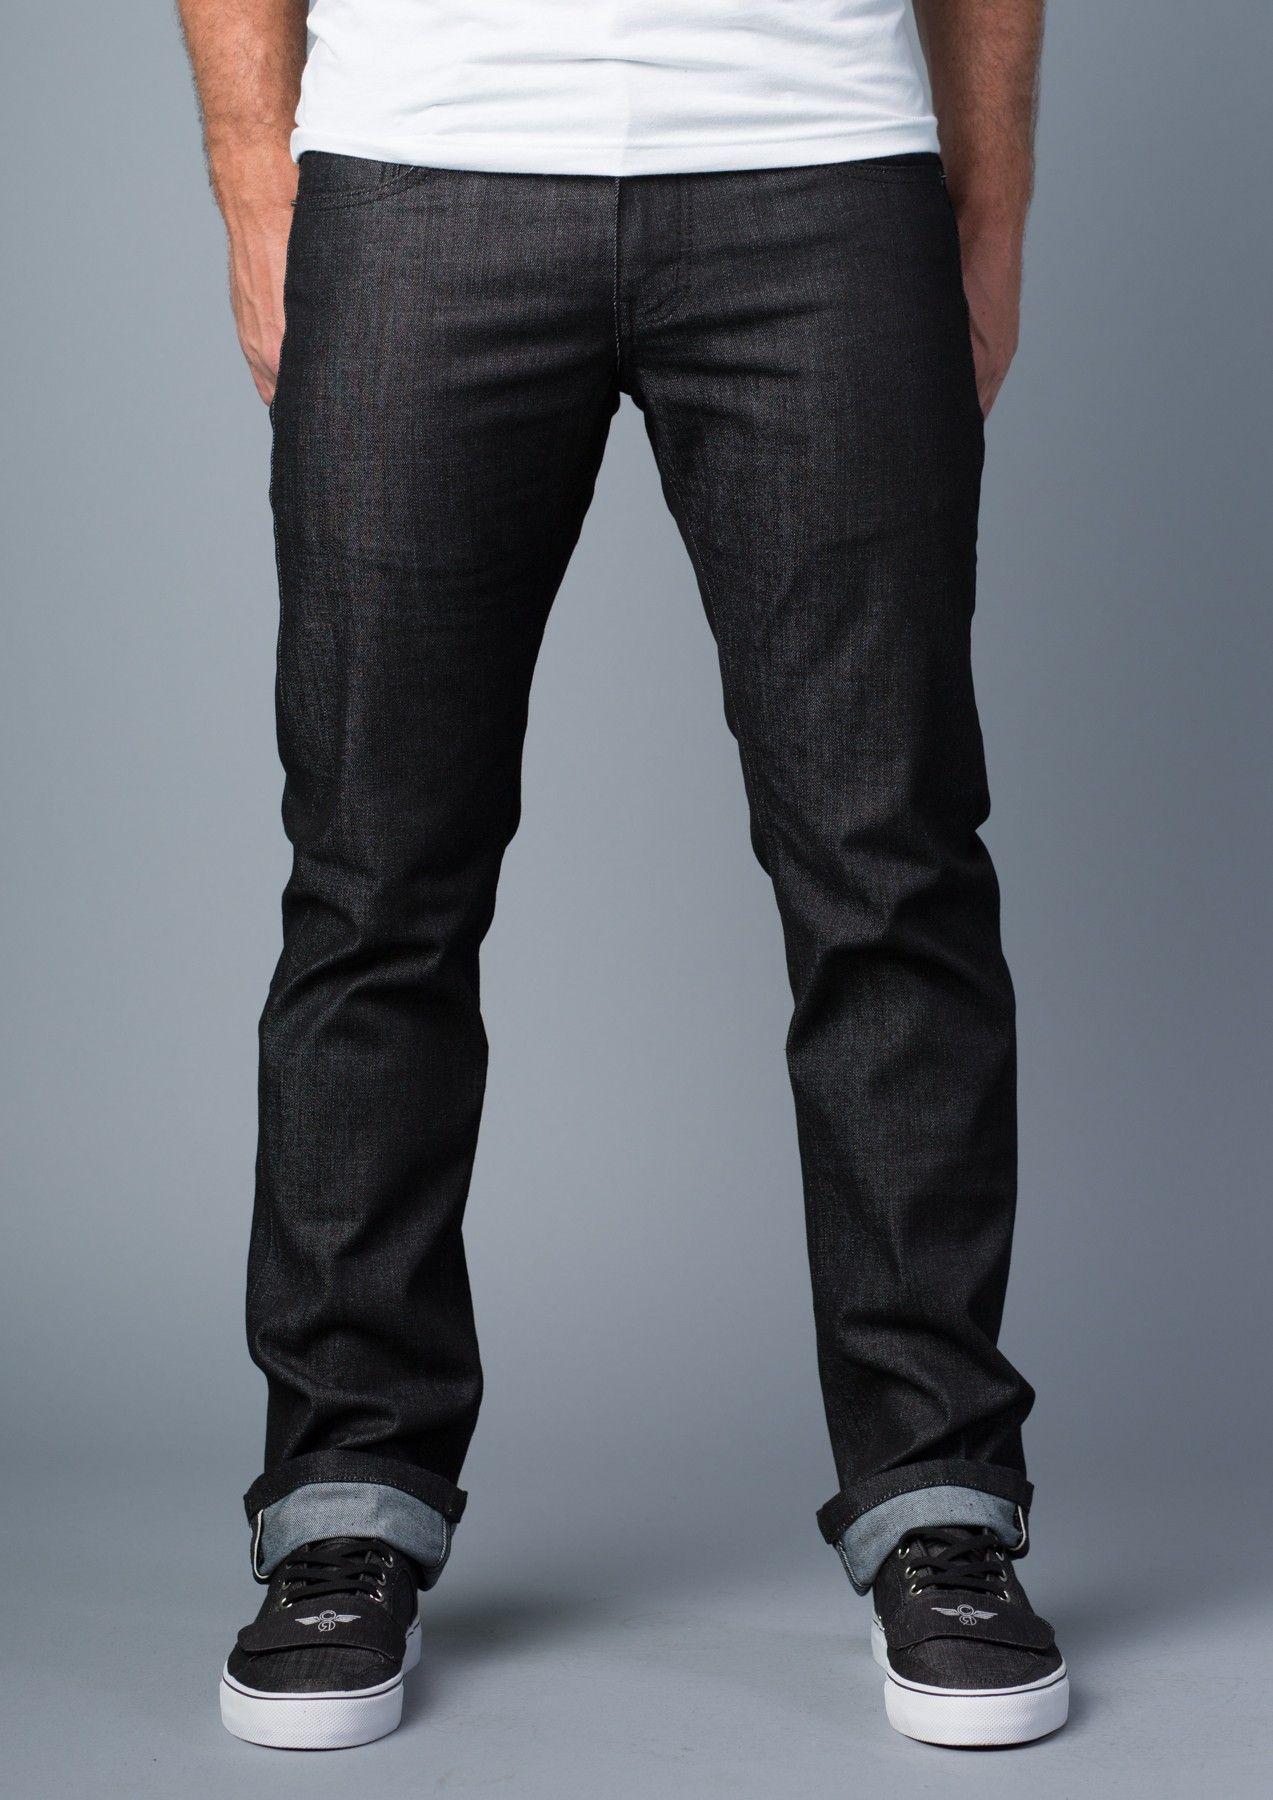 Polychrom} Back in Khaki Skinny-Slim Jeans | 20JEANS™ for Men ...